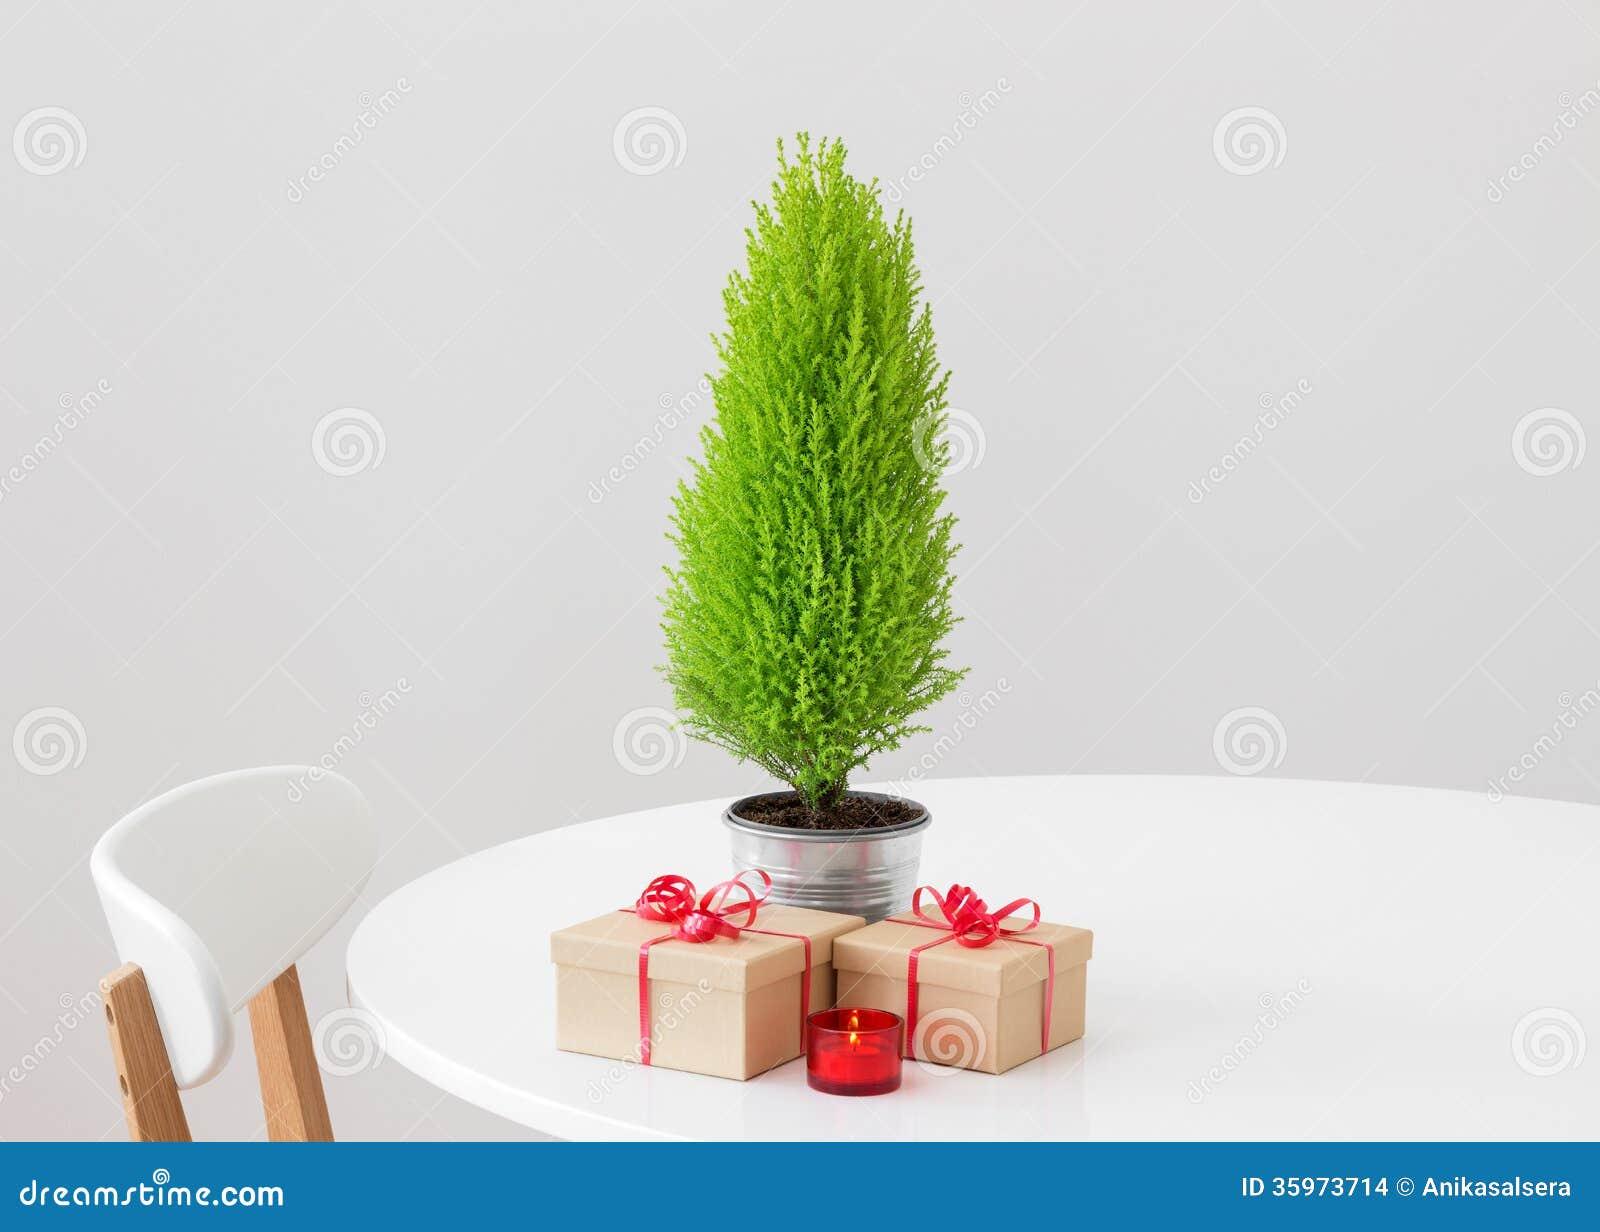 Как вырасти елку в домашних условиях